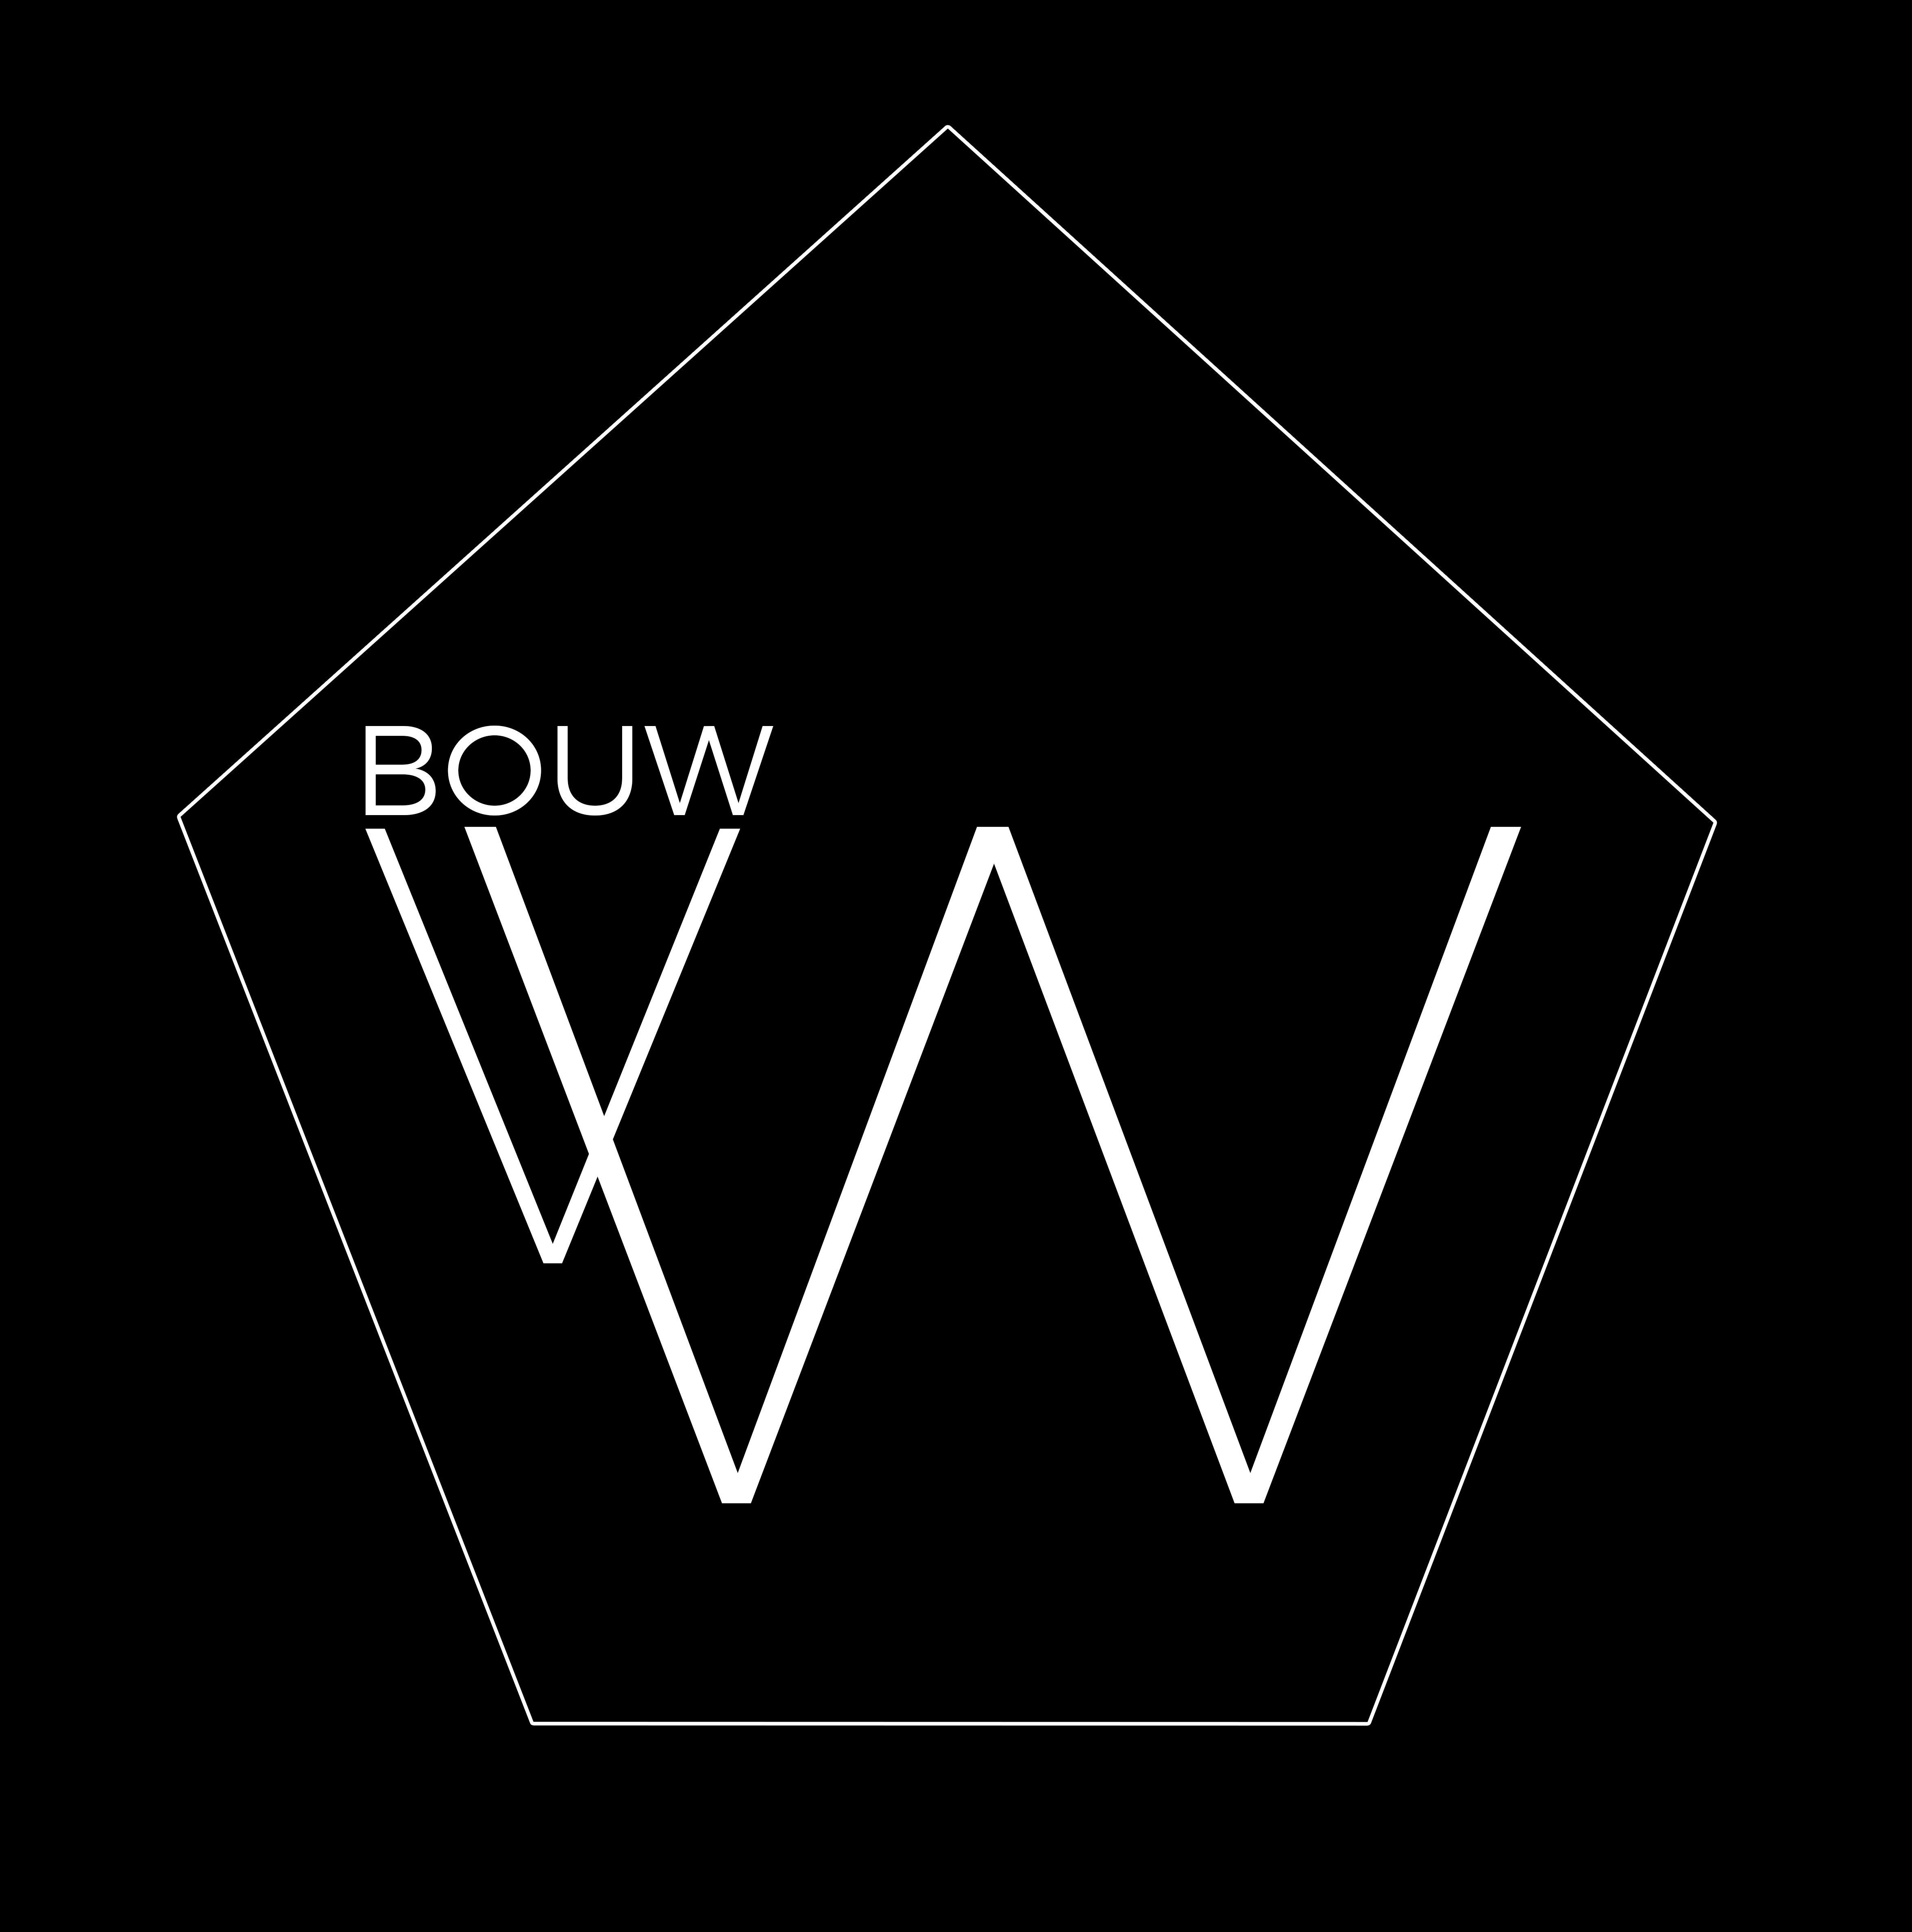 Van Willegen Bouw